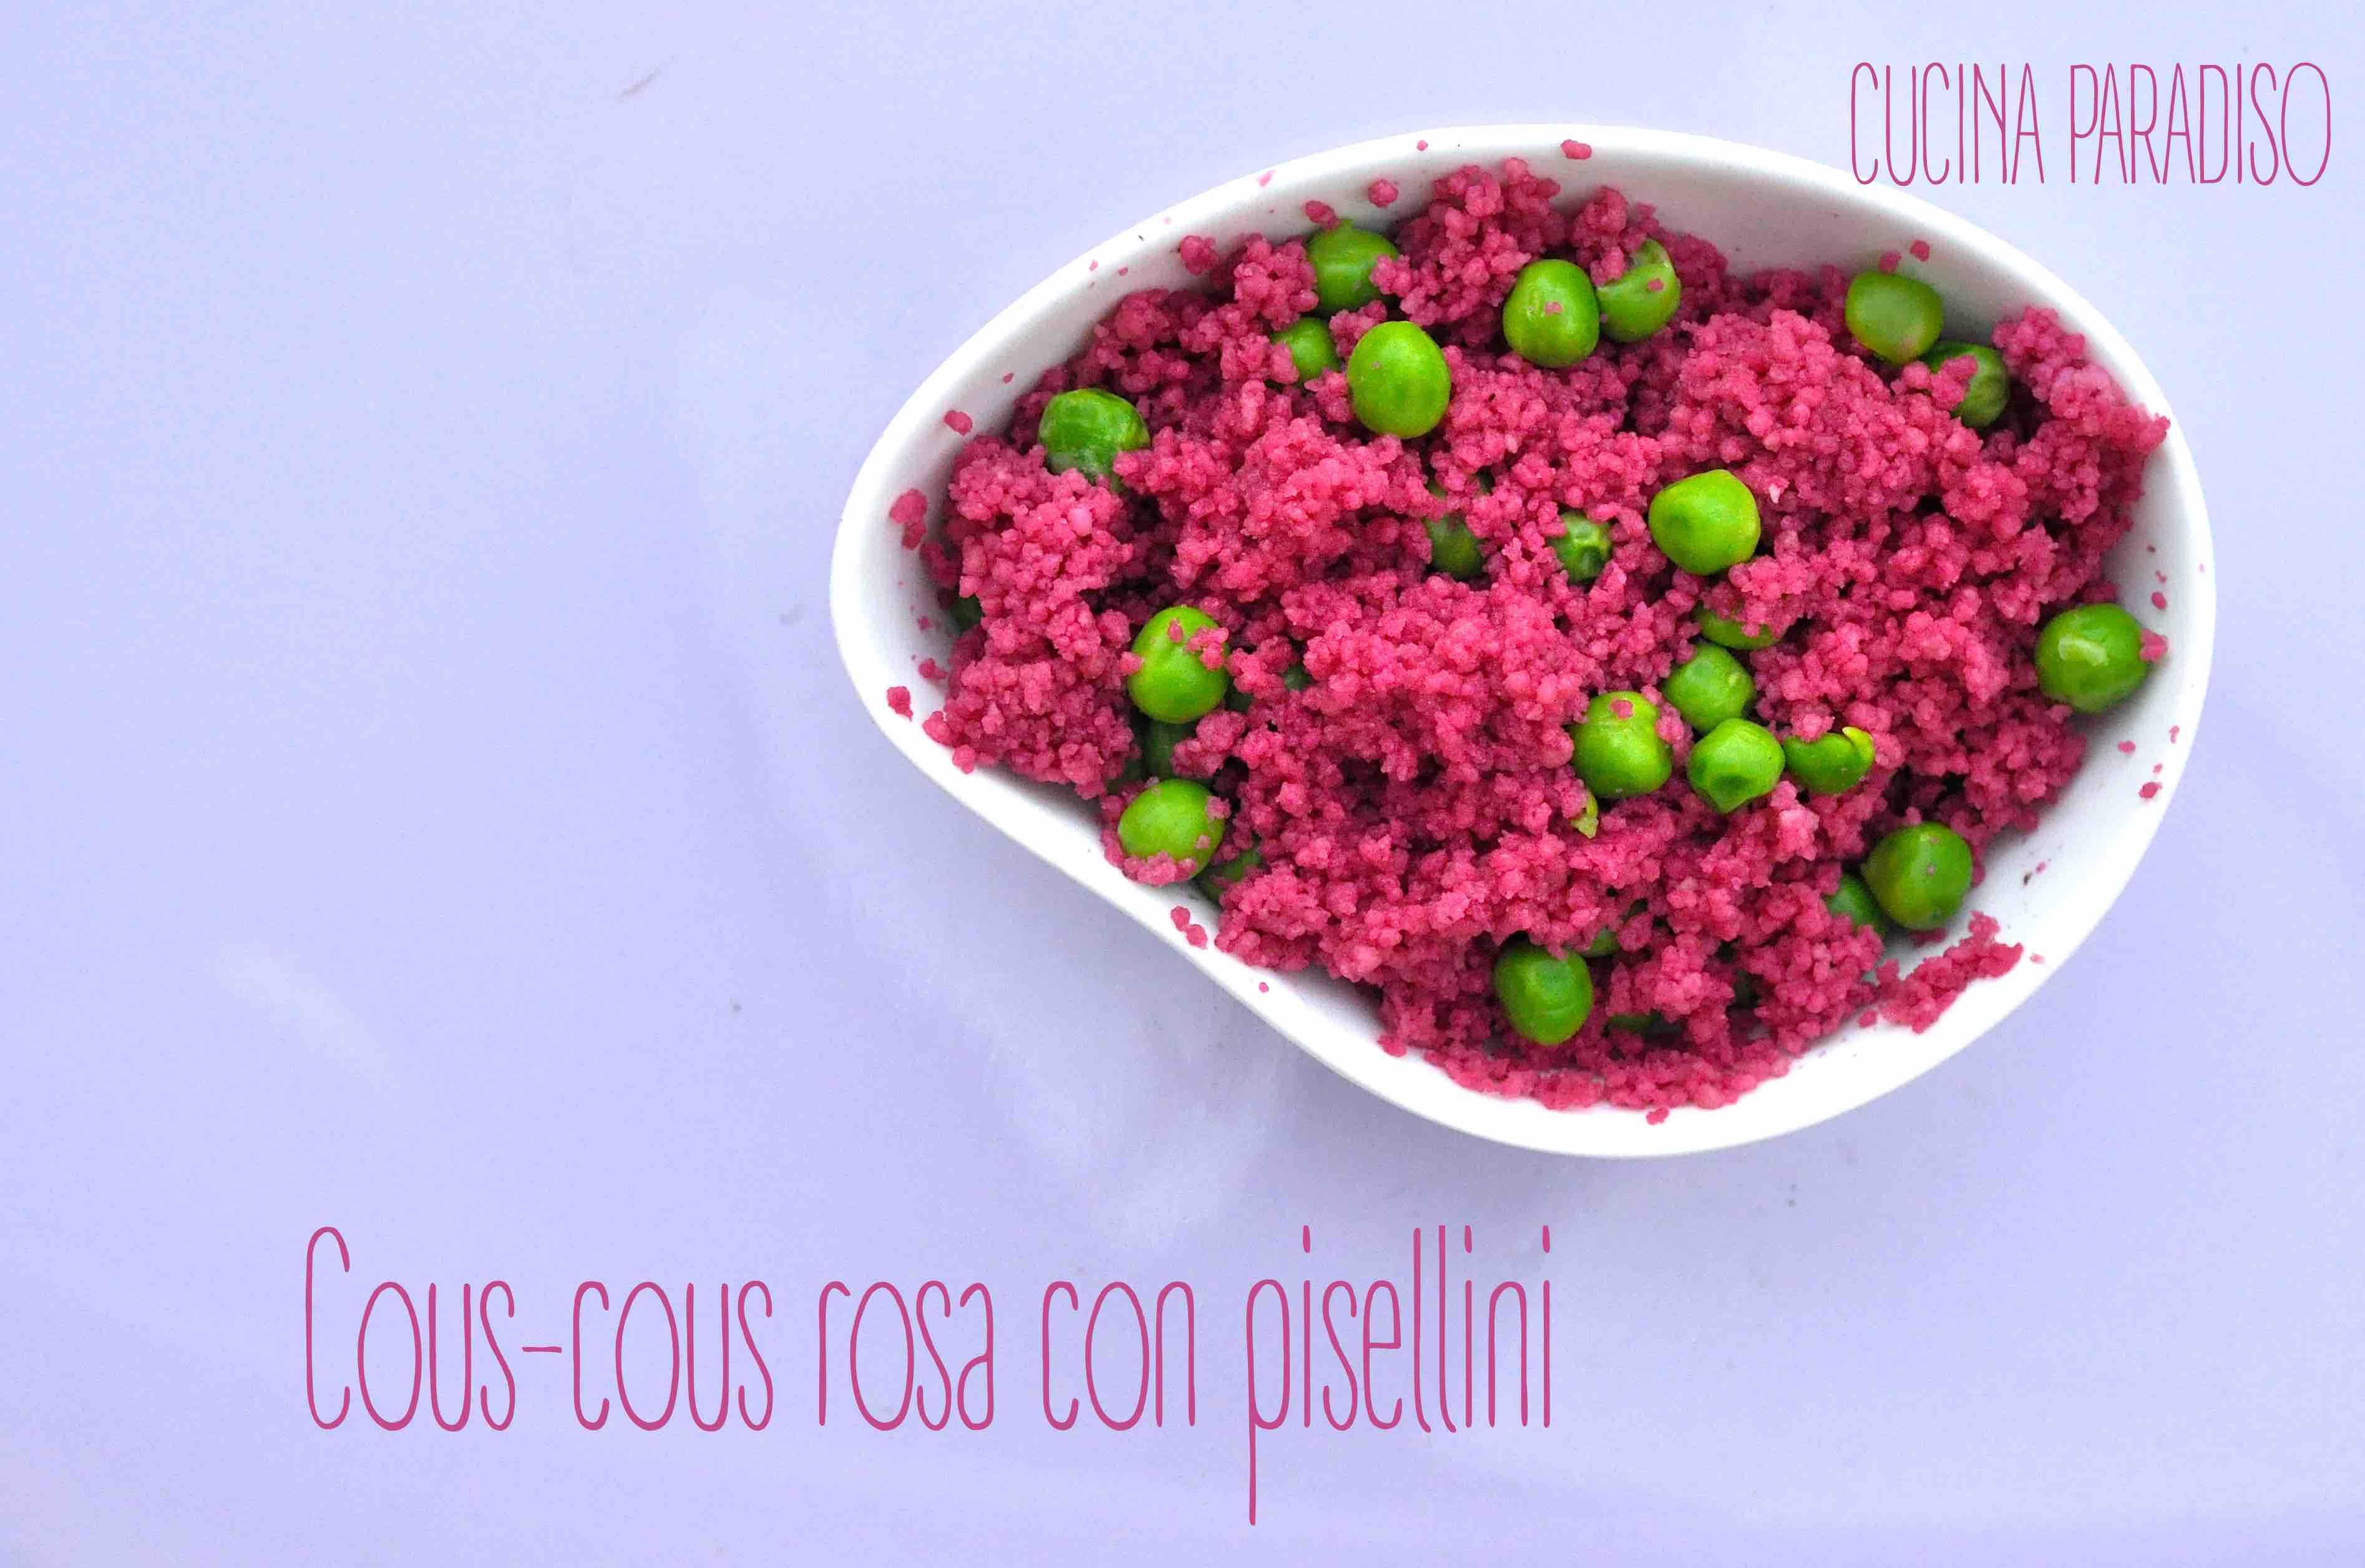 Cous-cous rosa con pisellini2